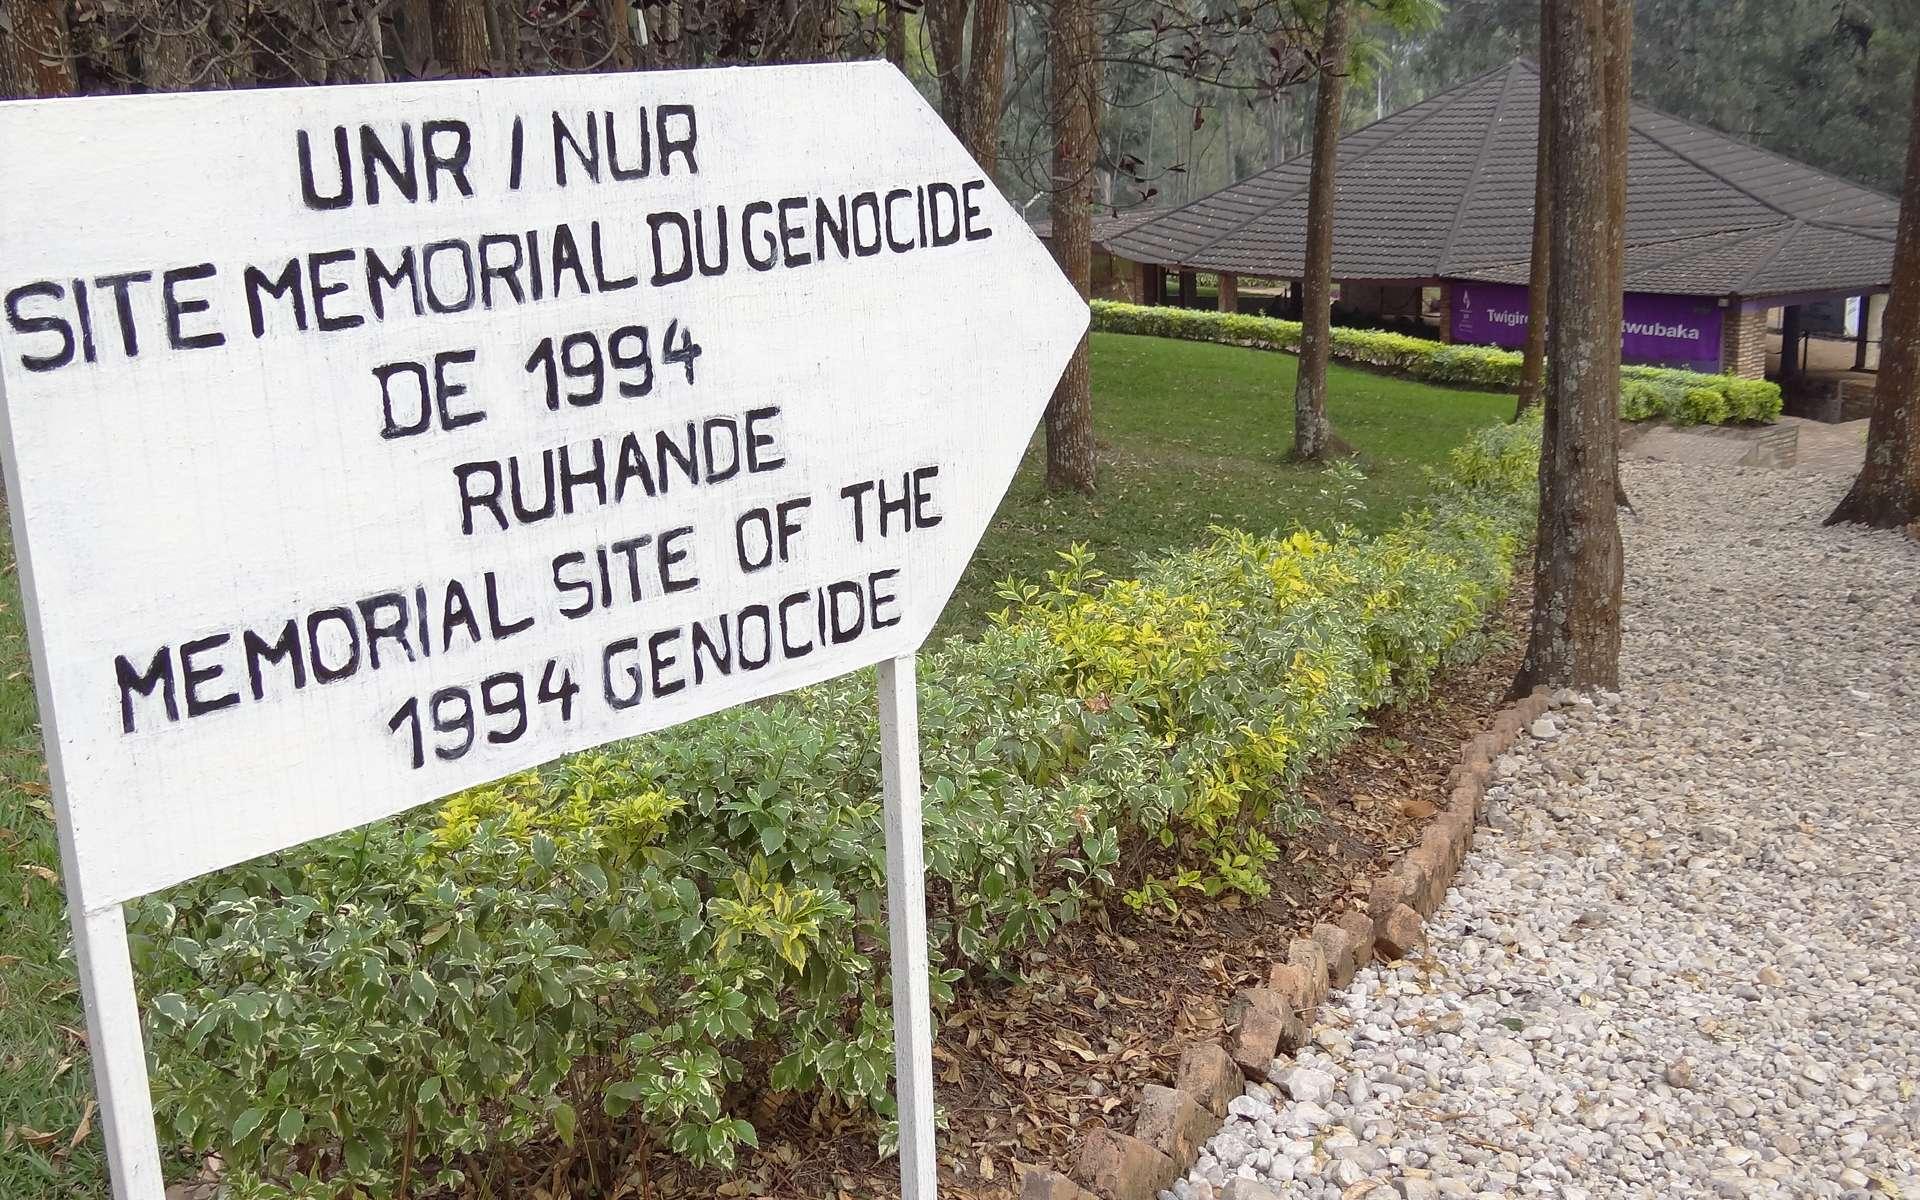 Site mémoriel du génocide au Rwanda. Cet épisode de la guerre civile a fait plusieurs centaines de milliers de victimes. © Adam Jones, Wikimedia Commons, cc by sa 3.0